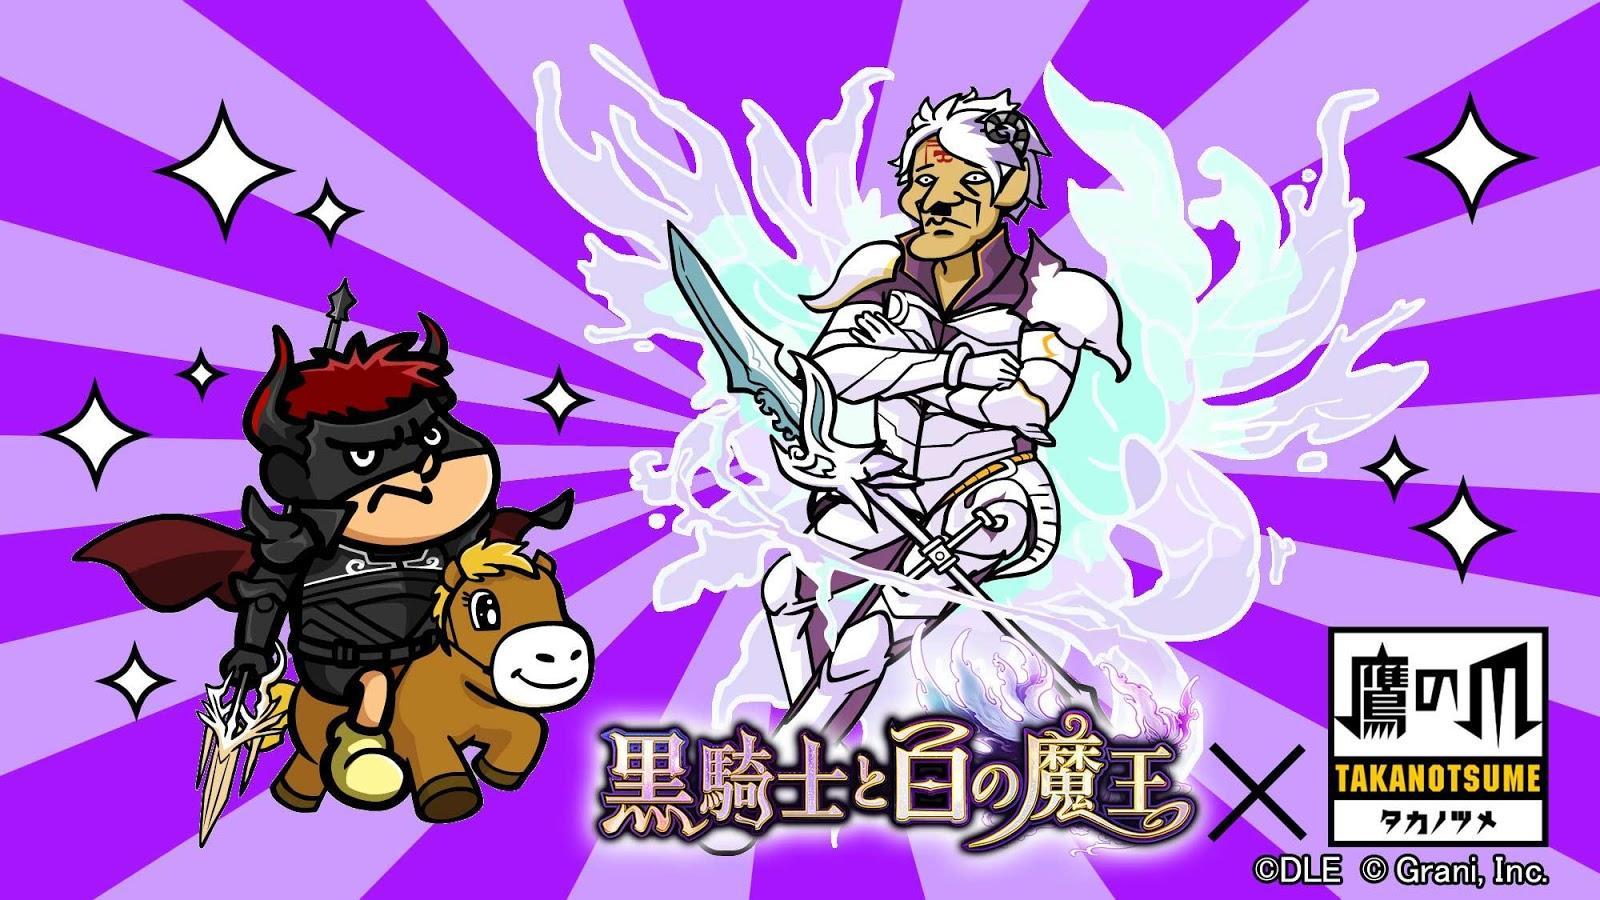 『秘密結社 鷹の爪』、スマホPRG『黒騎士と白の魔王』と初コラボレーション!